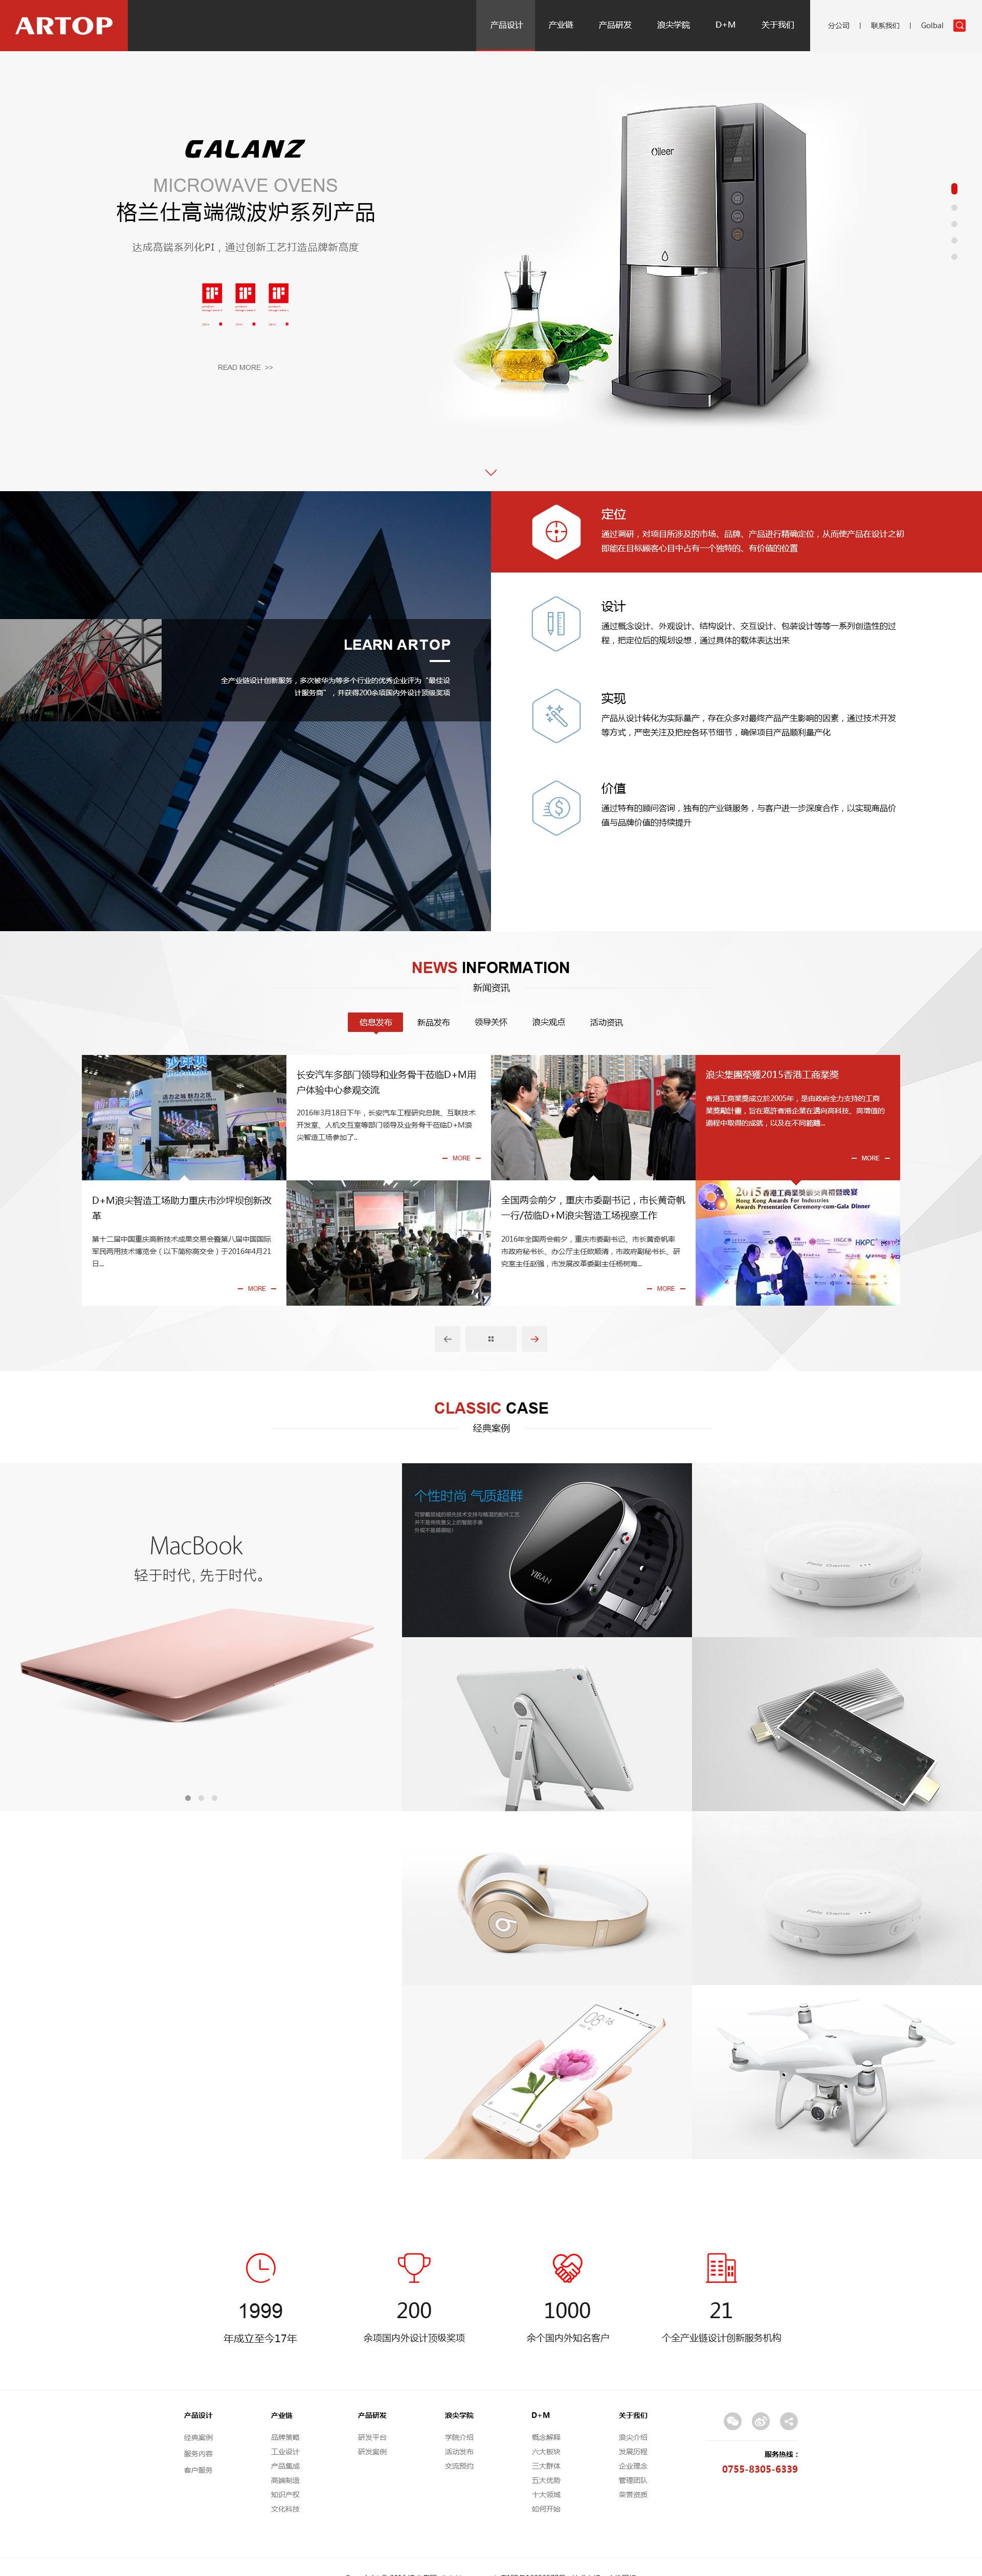 中文版,顶部有中英文切换键,点击英文会跳转到另一个英文网站(英文